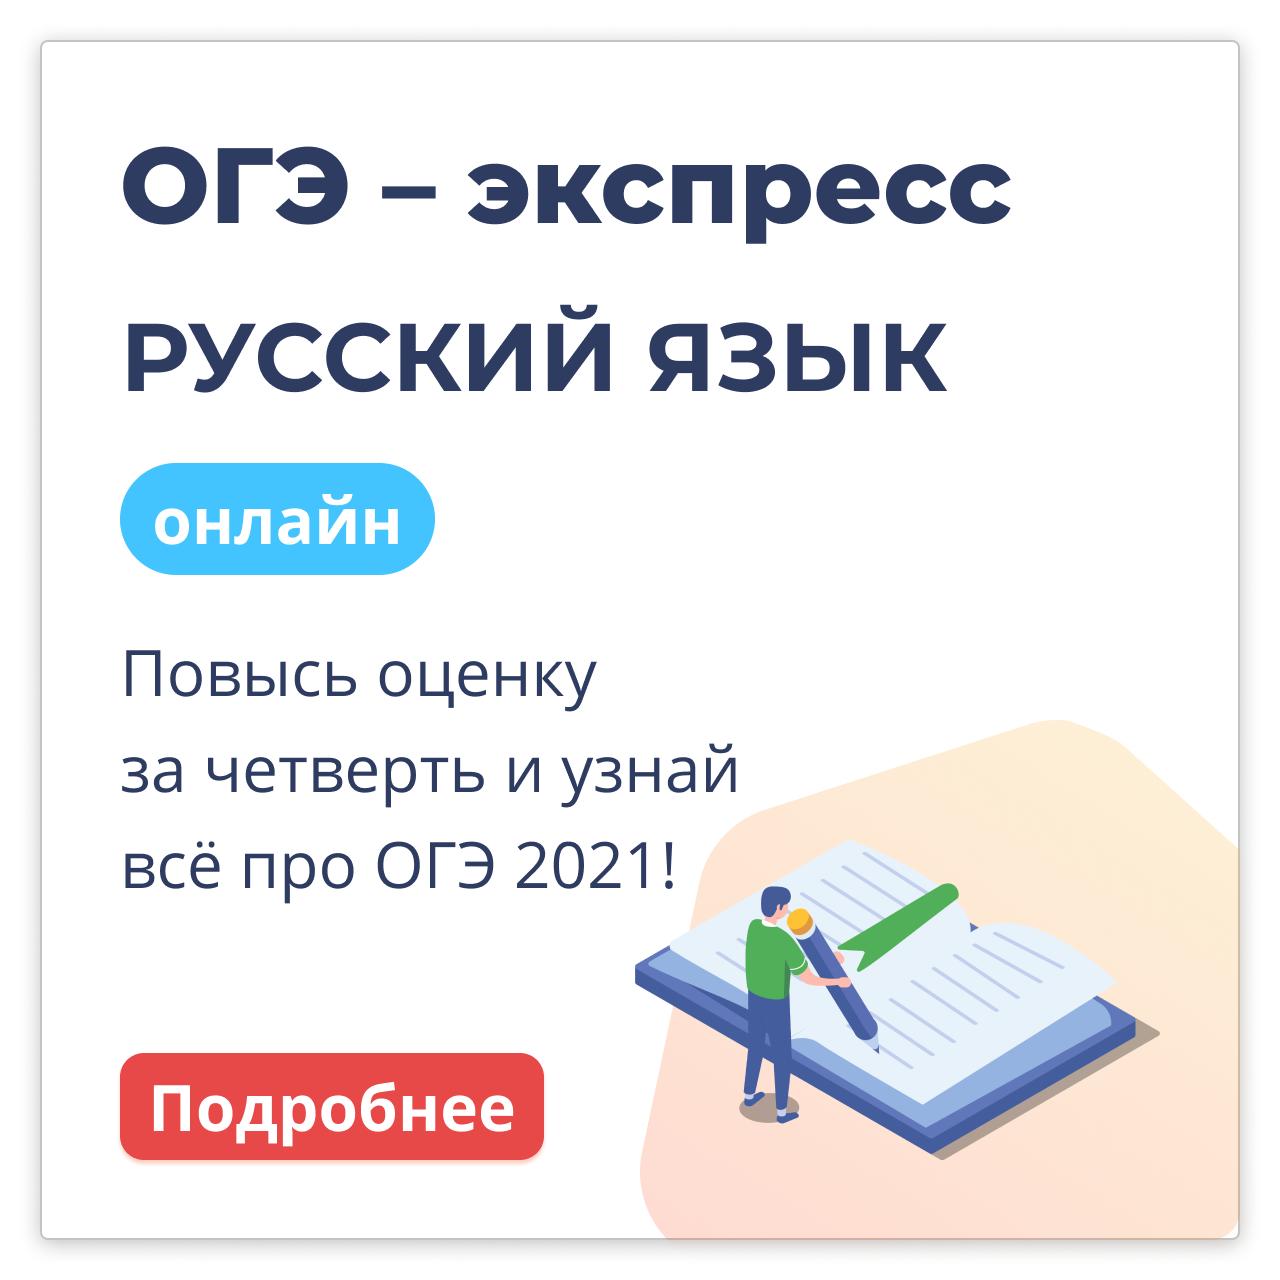 Русский язык ОГЭ Онлайн группа